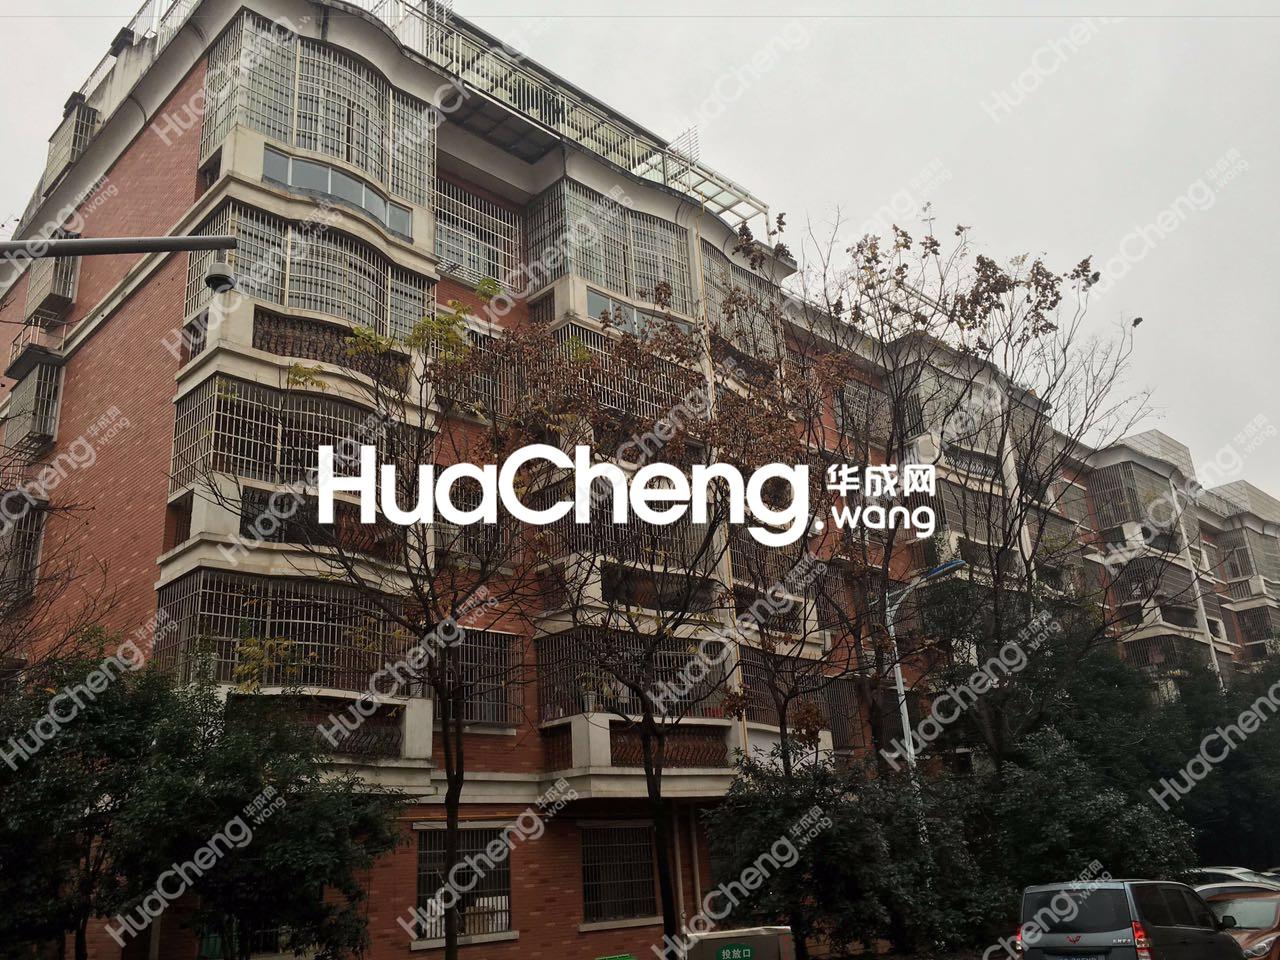 北苑丹溪三区均价8600左右适合分割居家的优质垂直楼非诚勿扰